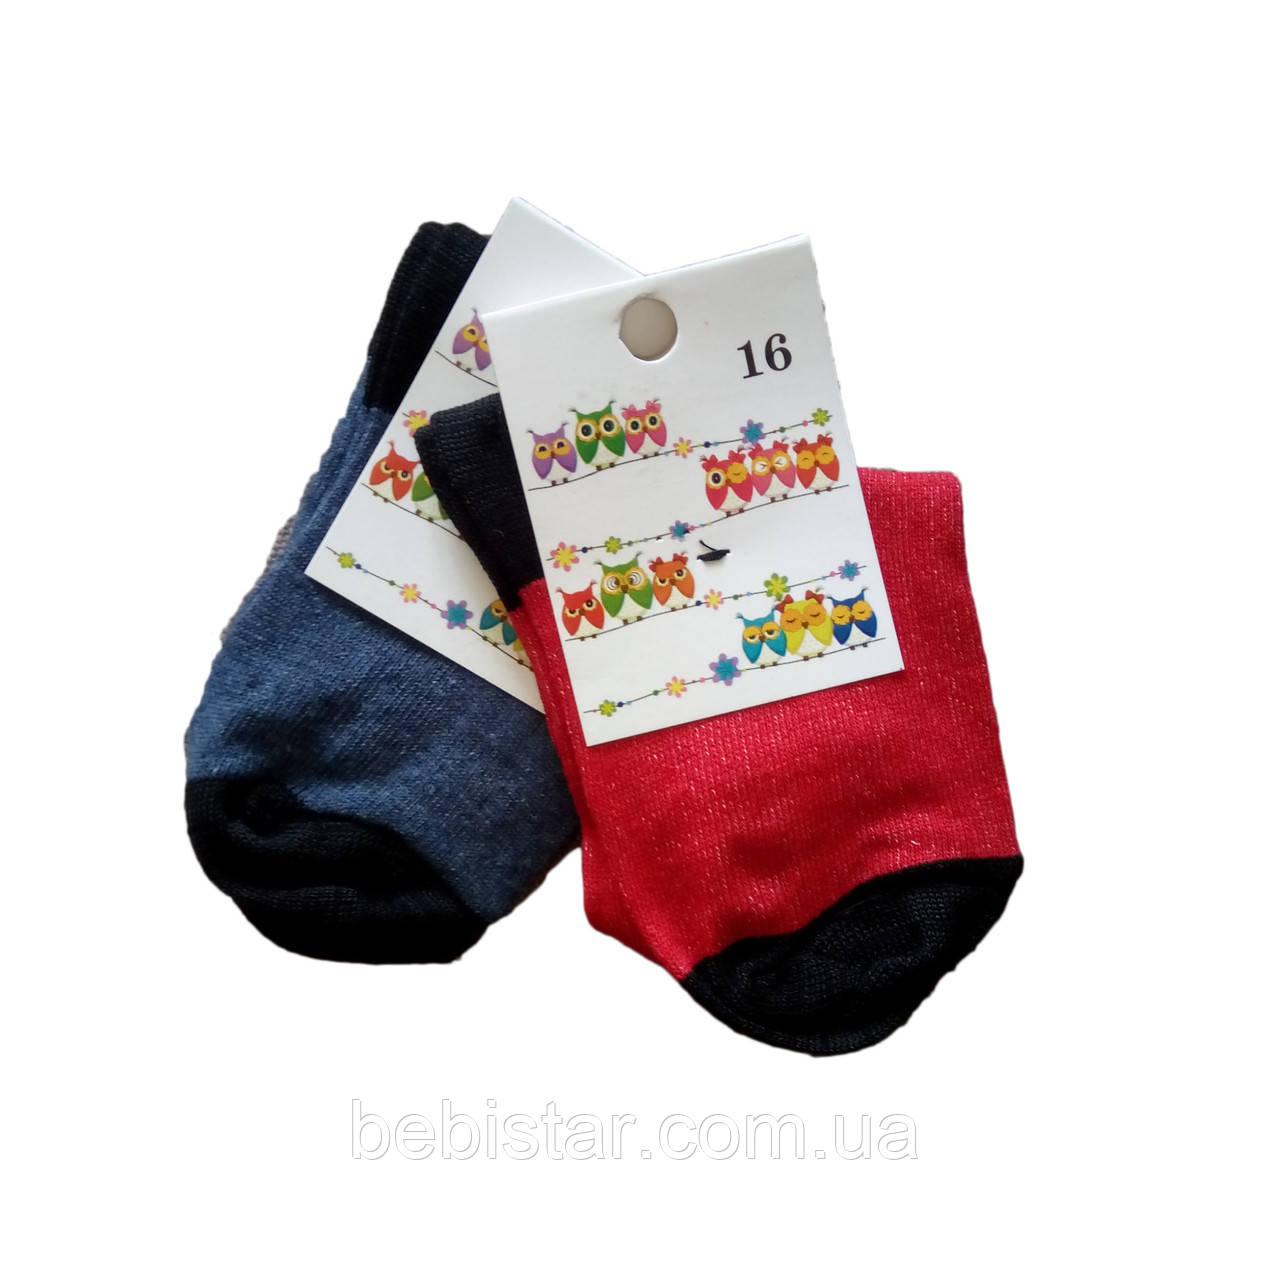 Носки для мальчика красные и синие 3-4 года